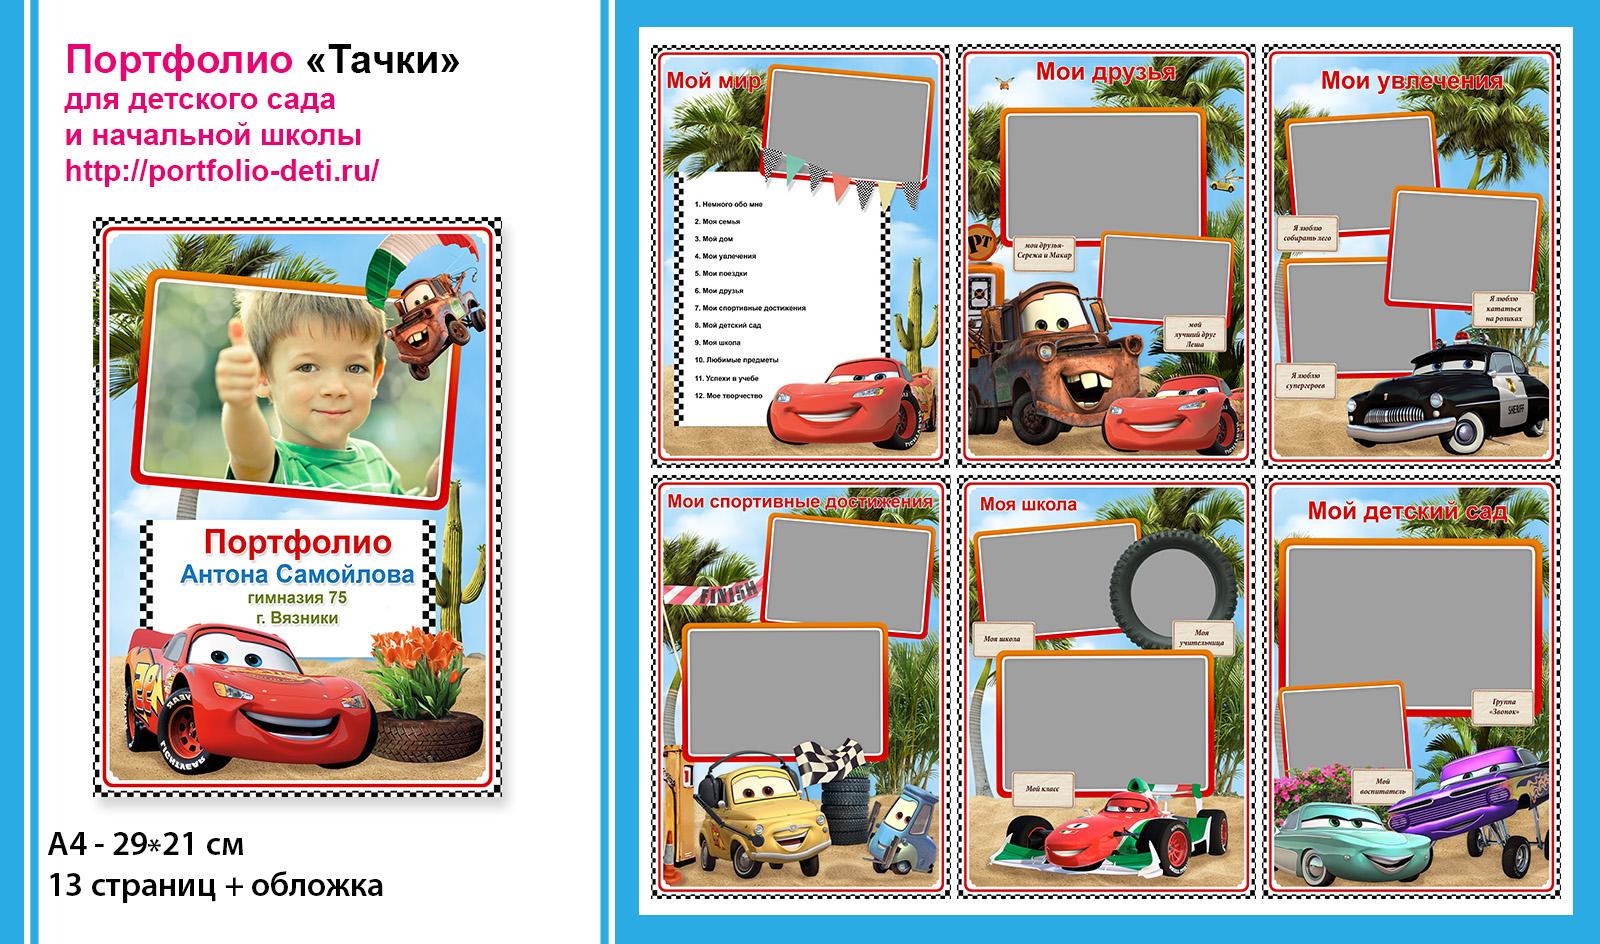 Шаблон портфолио для мальчика - дошкольника или ученика начальной школы